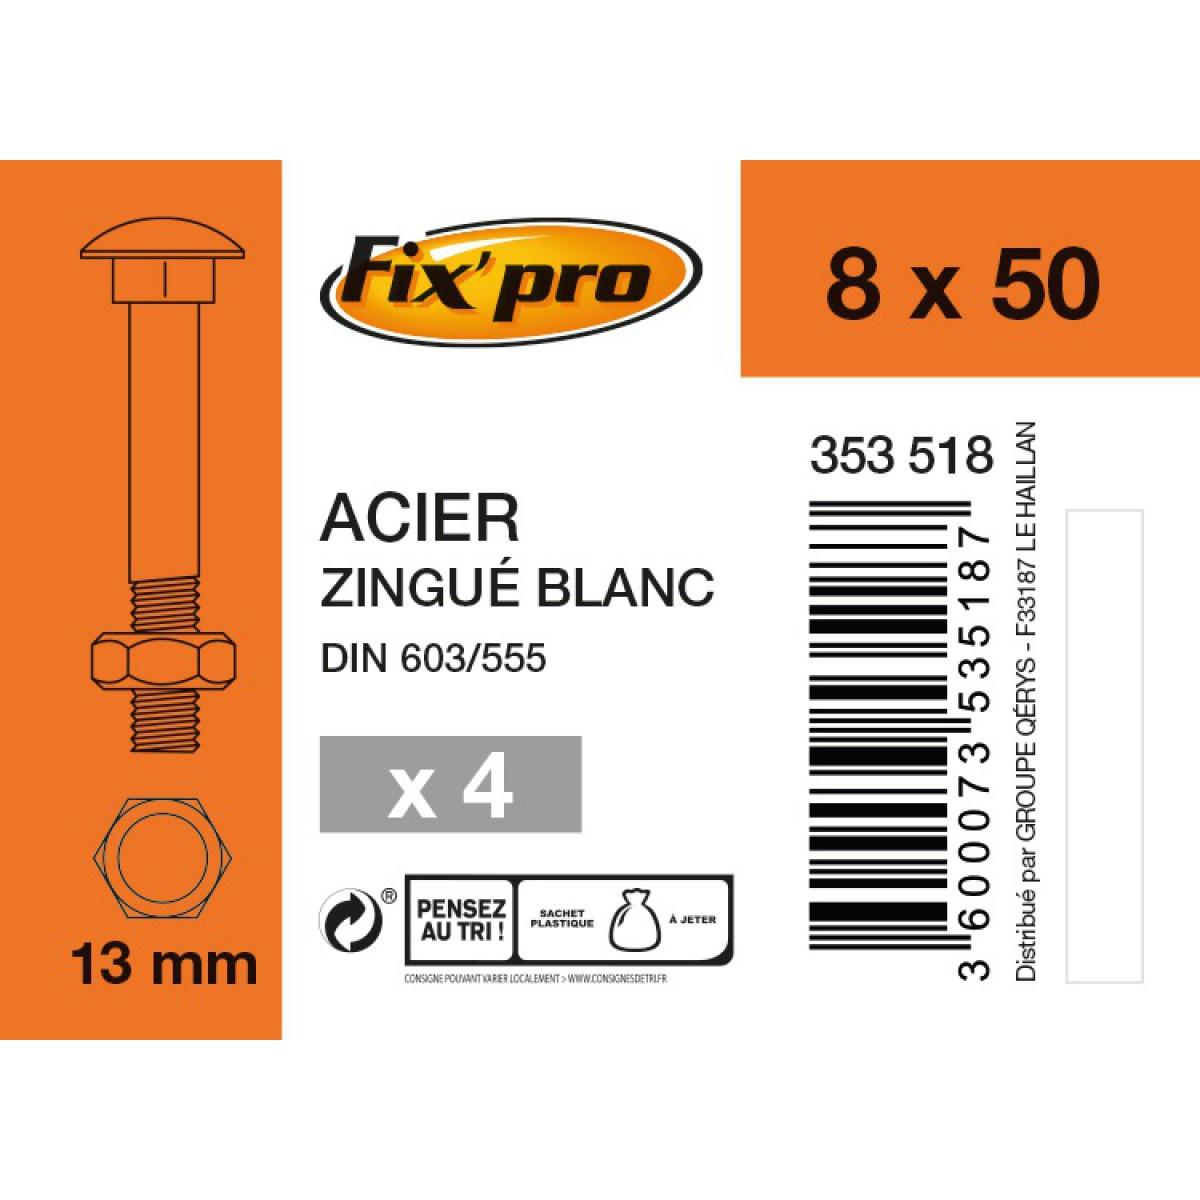 Boulon Japy tête ronde collet carré acier zingué - 8x50/22 - 4pces - Fixpro